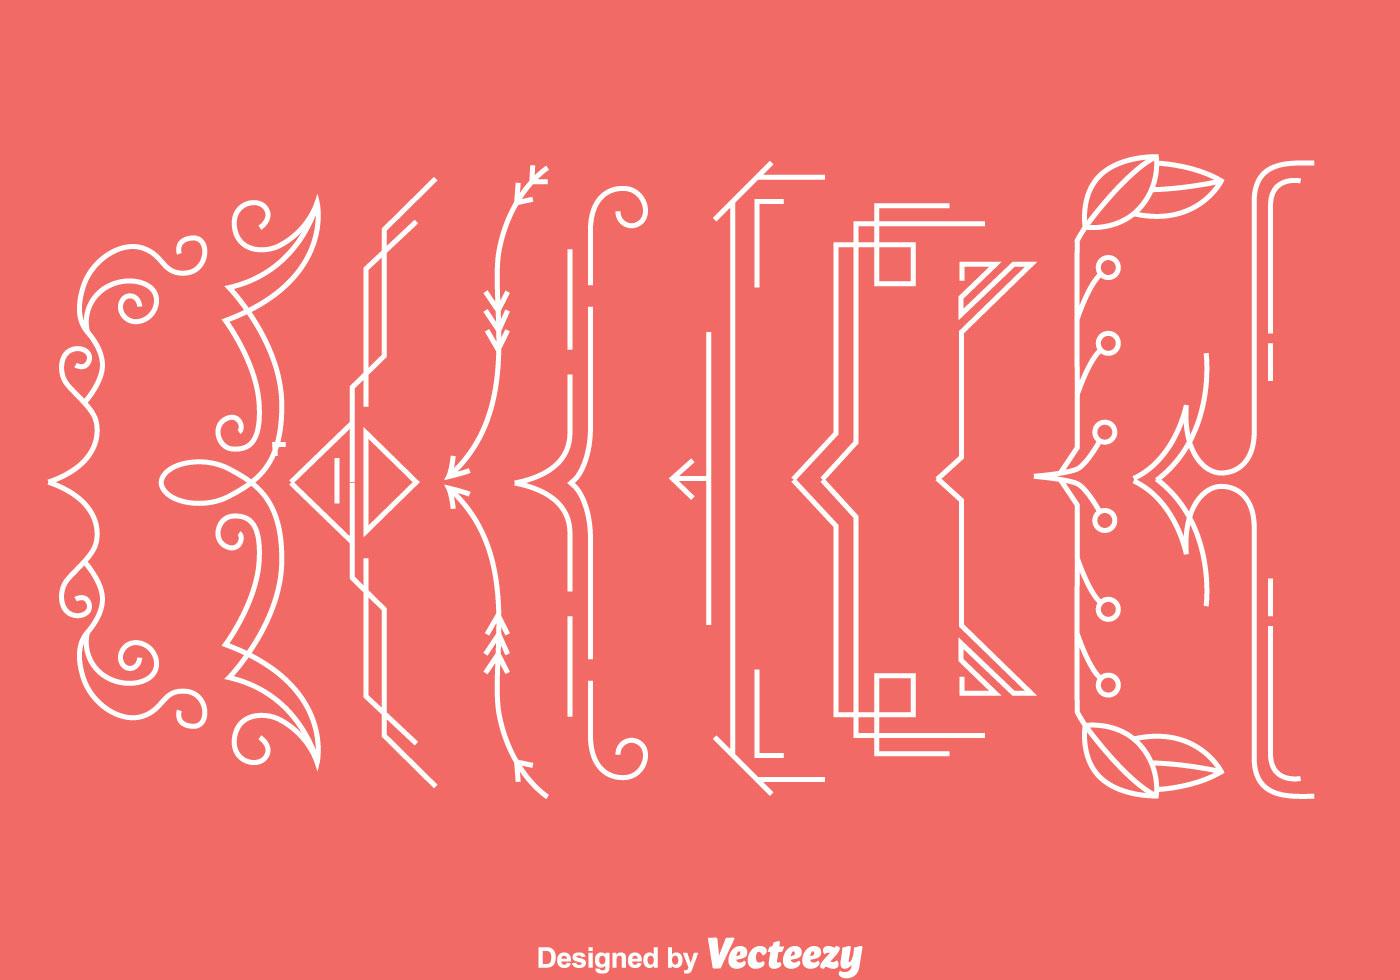 Ornament Bracket Vectors - Download Free Vectors, Clipart ...